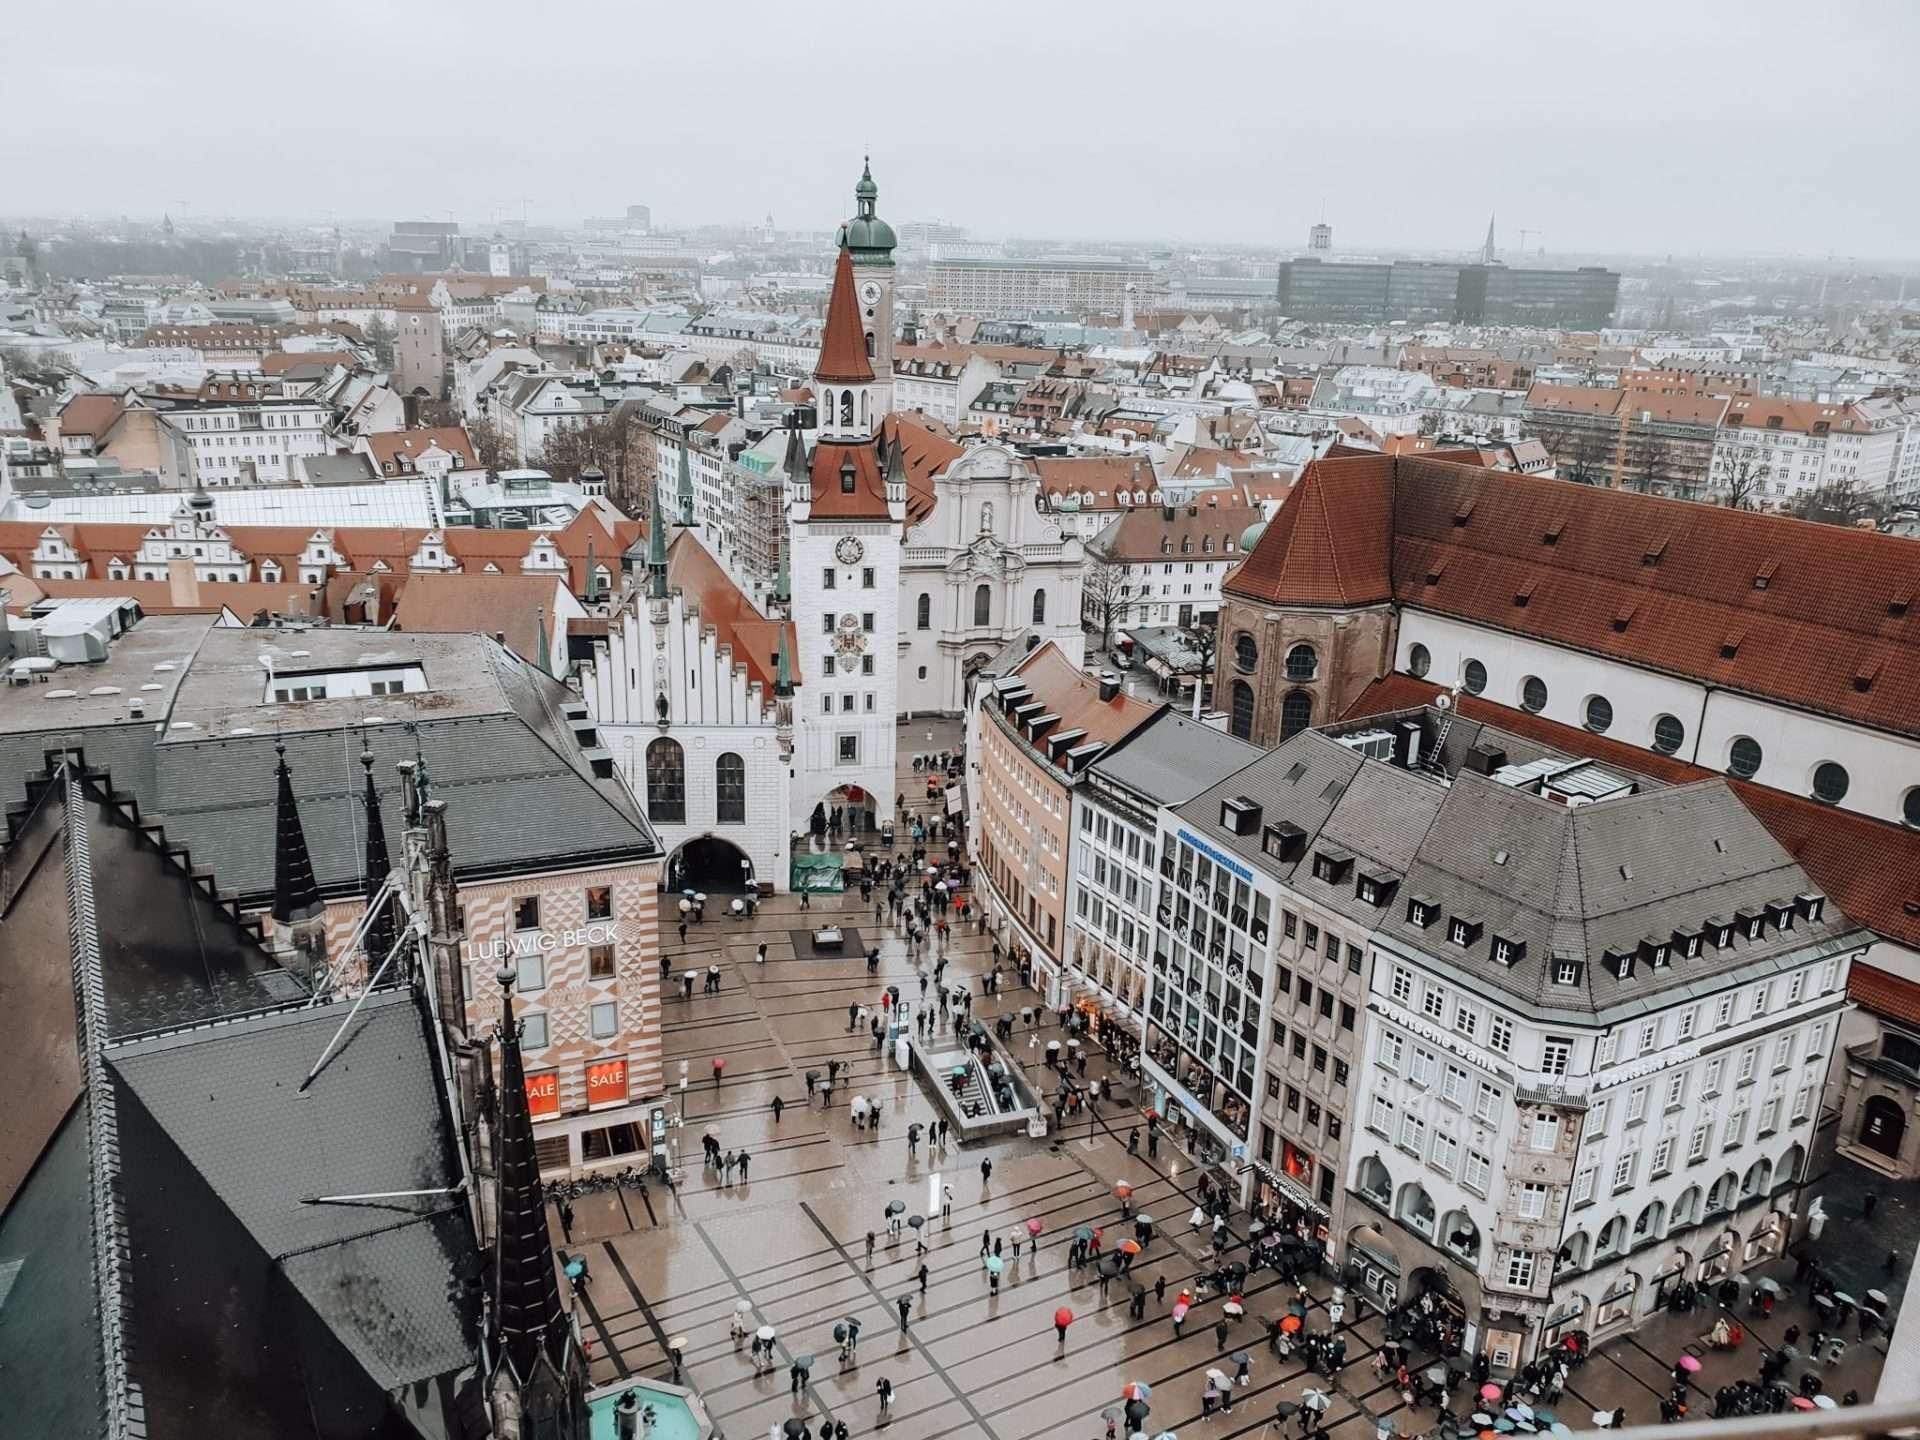 Capodanno a Monaco di Baviera, cosa fare?